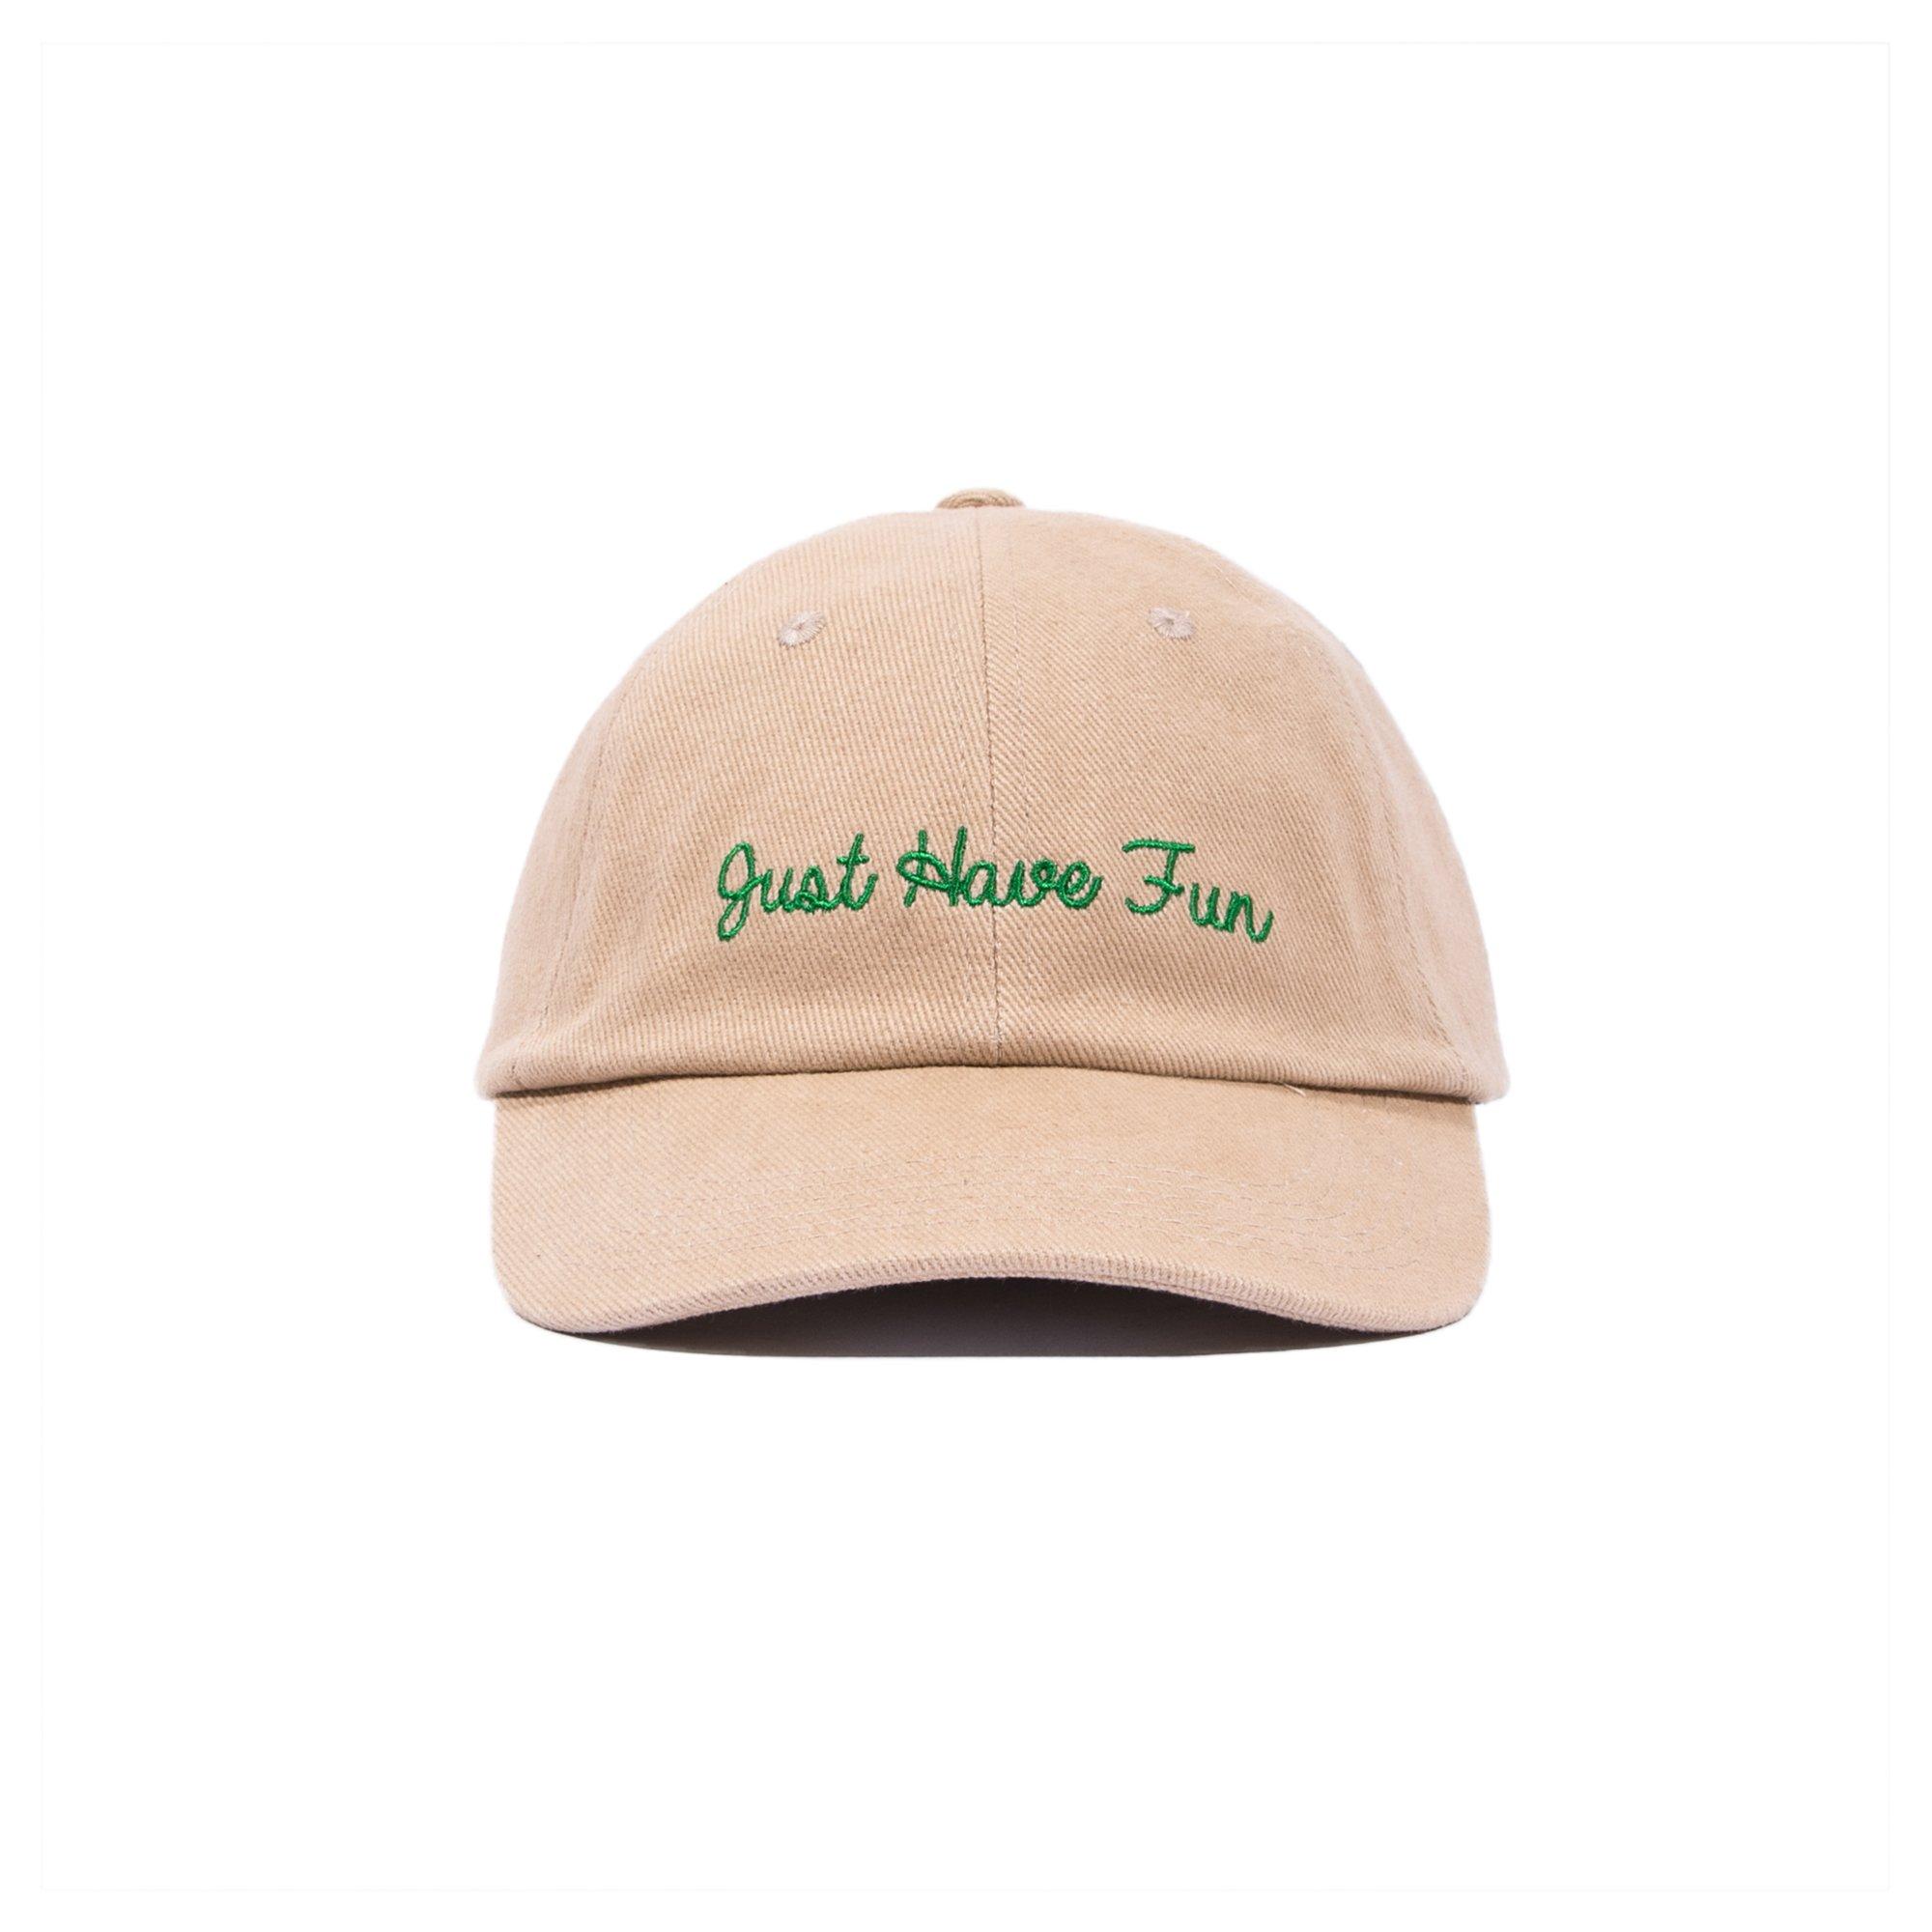 【JUST HAVE FUN/ジャストハブファン】JHFAMILY DAD HAT ダドハット / KHAKI